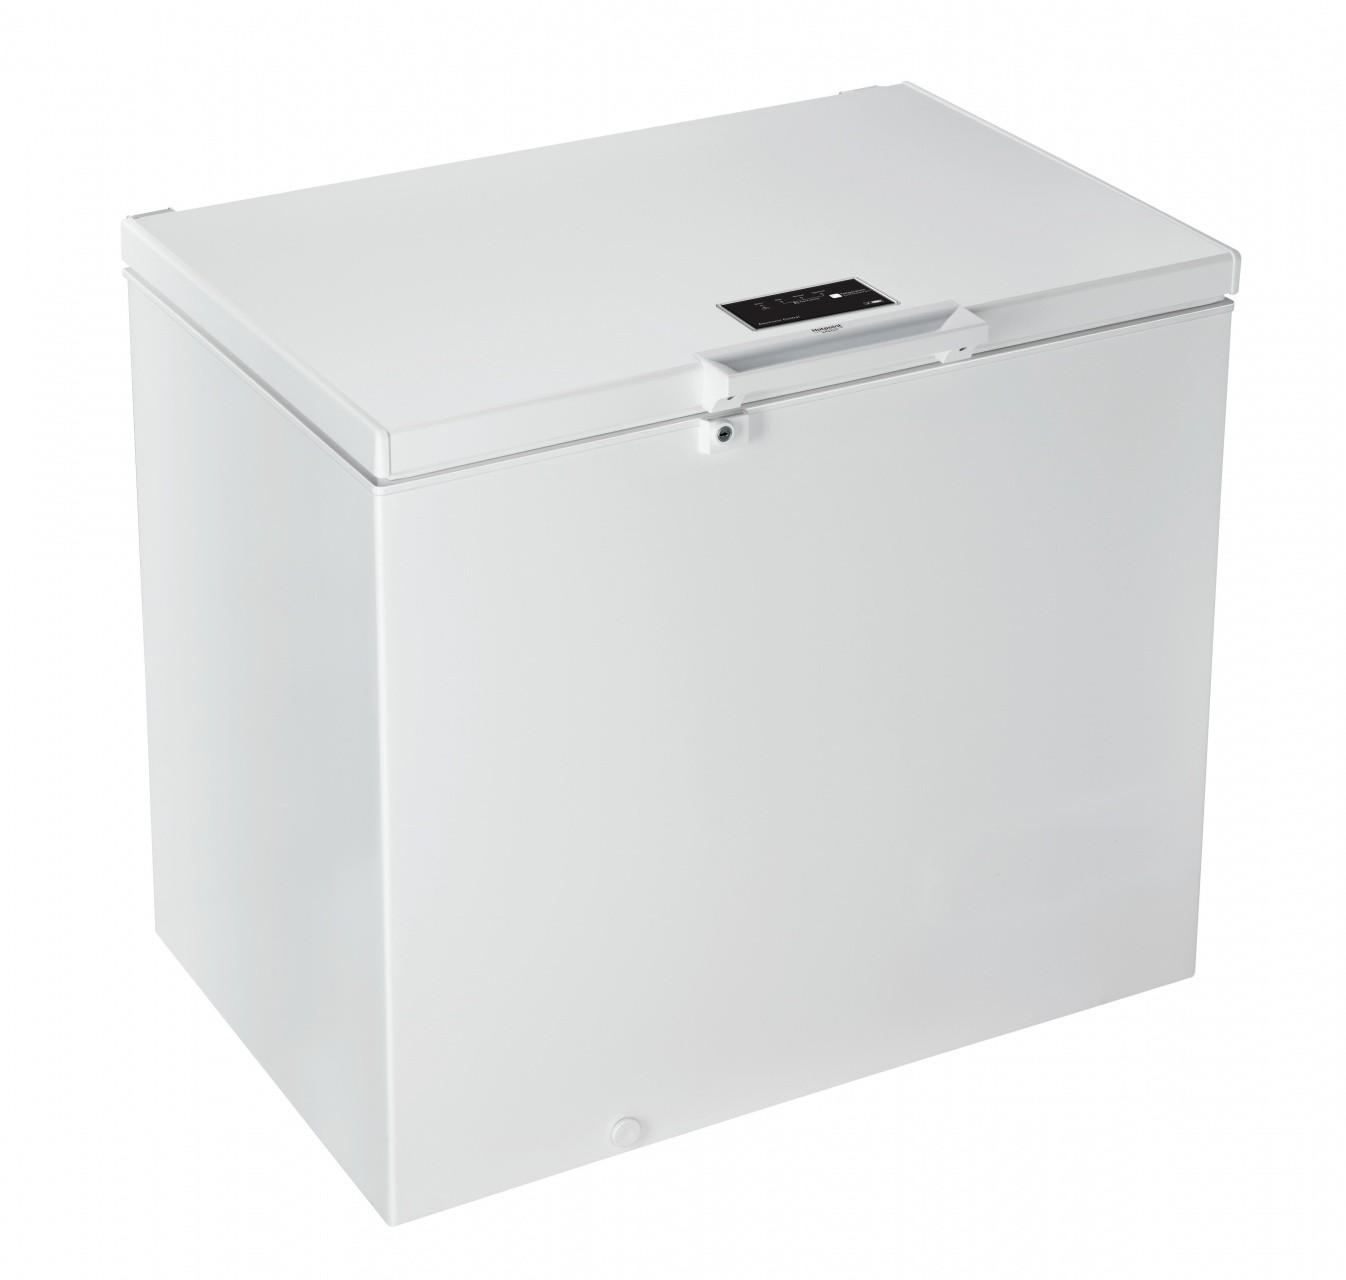 Indesit OS 2A 250 H 2 - Congelatore Orizzontale a Pozzo, 252 Litri, Classe E (A++)